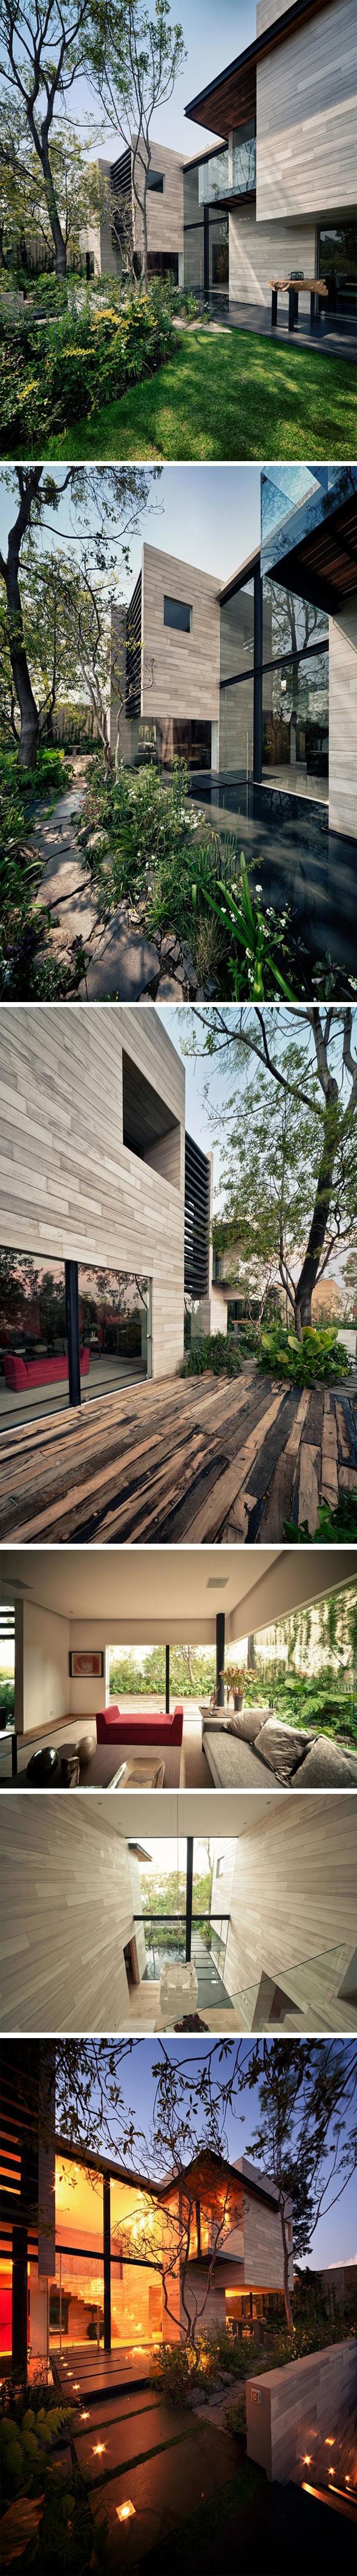 Cloud Nukes Photo - Maison Guanabanos par Taller Héctor Barroso Résidence sur deux étages à Mexico ... 687319623729880